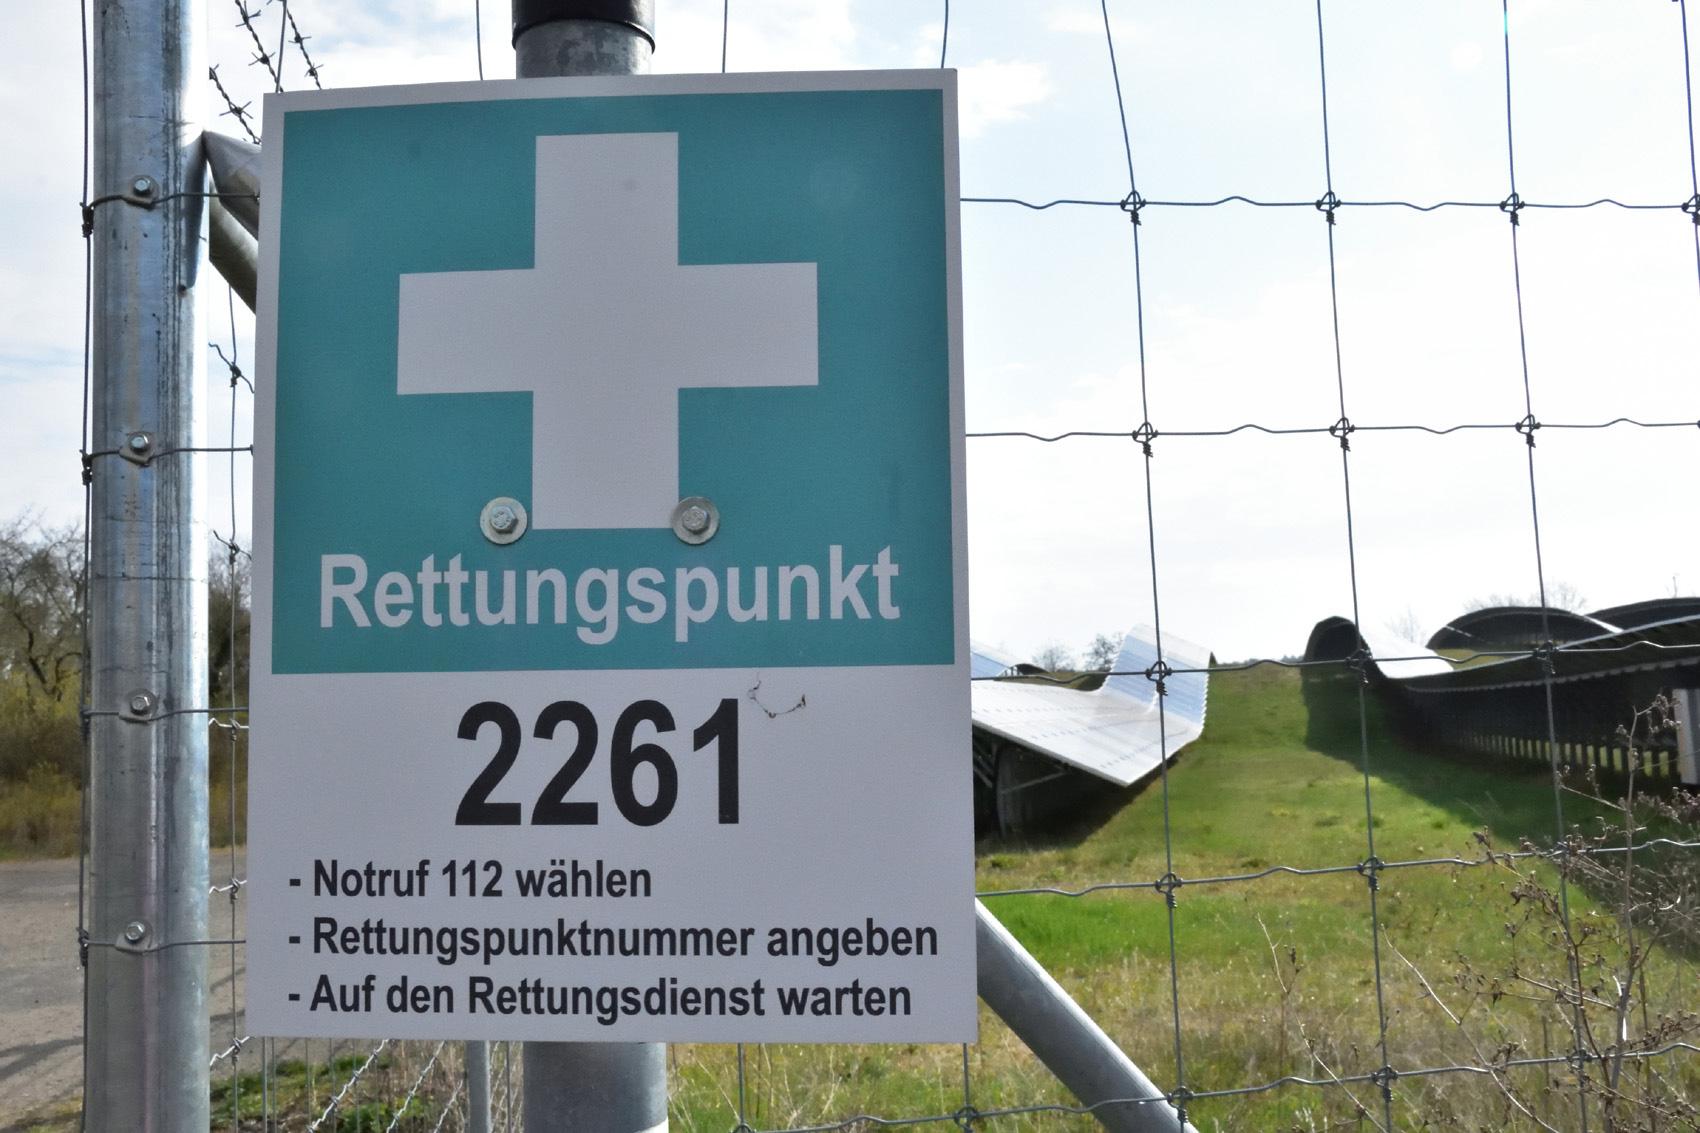 Rettungspunkt in Brandenburg